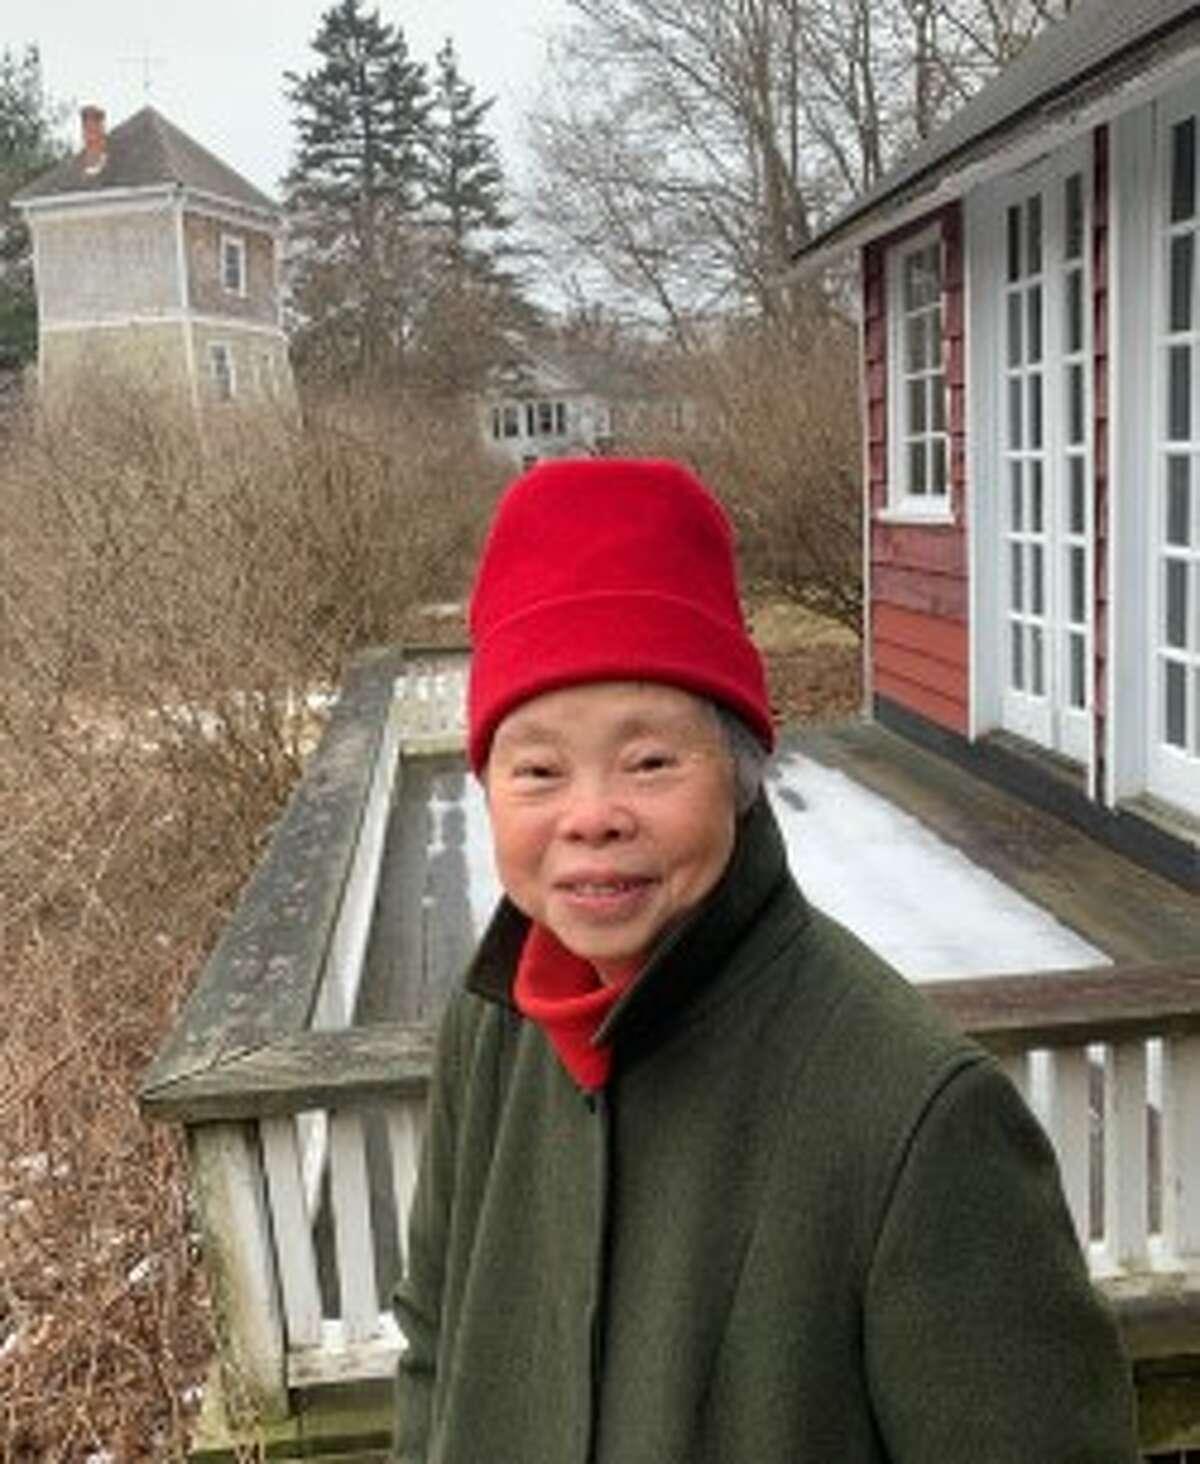 Bun-Ching Lam (credit: Joseph Dalton)